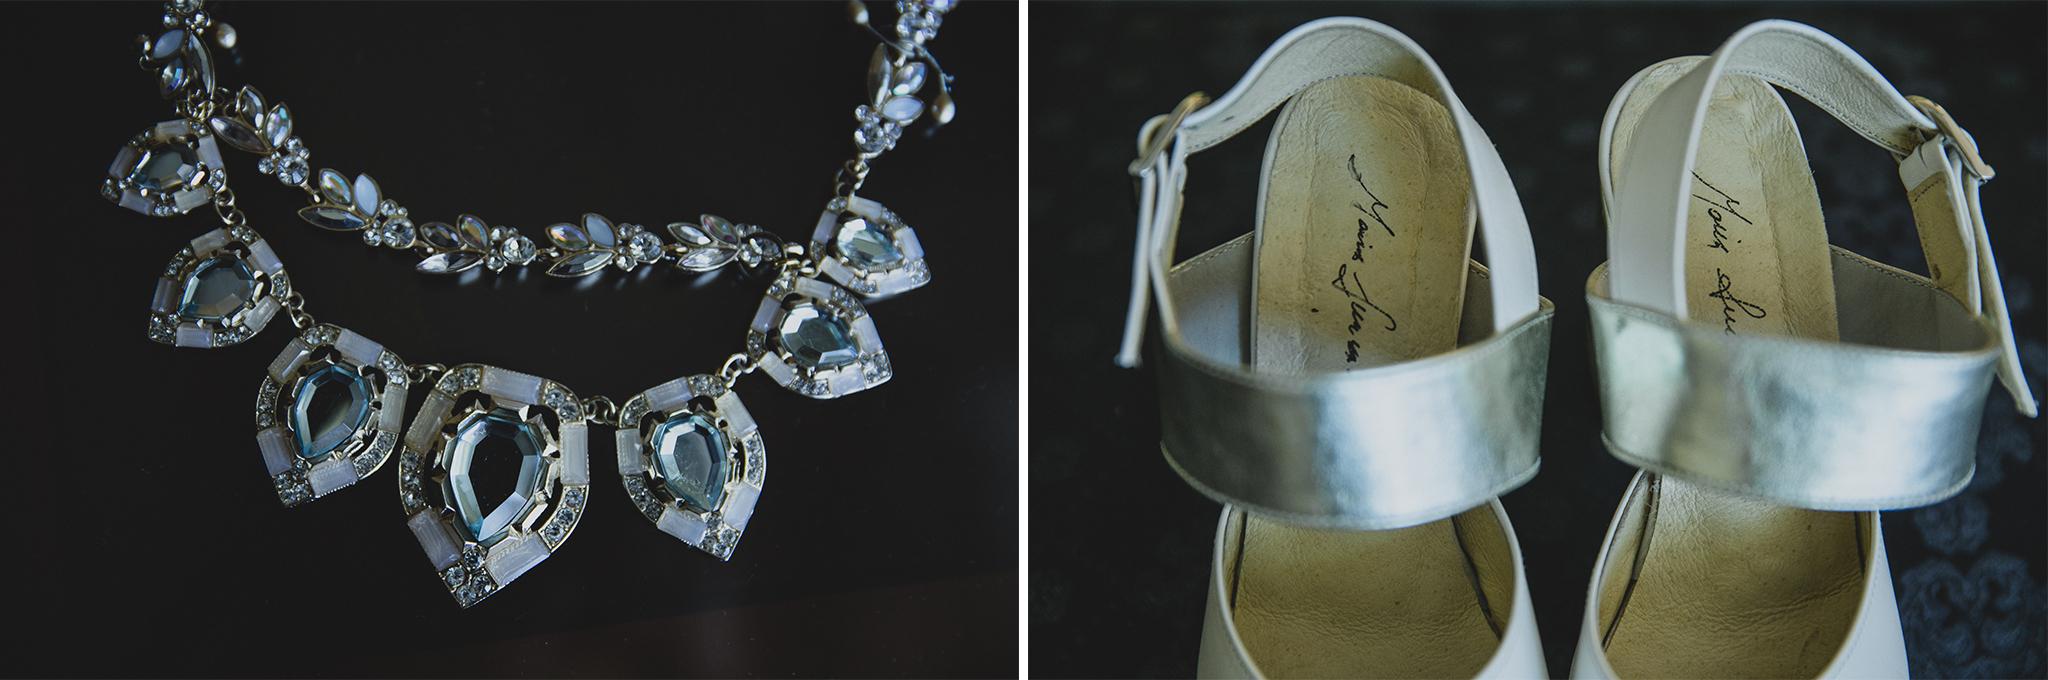 zapatos de novia maria lumaconi - tocado de novia uruguay